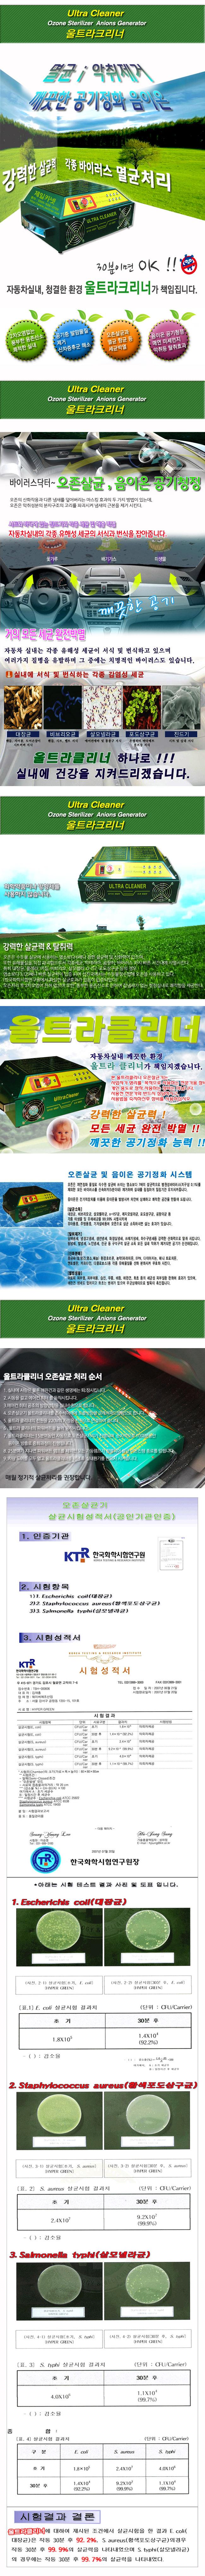 ZEiLCAR 자동차실내 오존살균 & 음이온 공기청정 울트라크리너 시공권